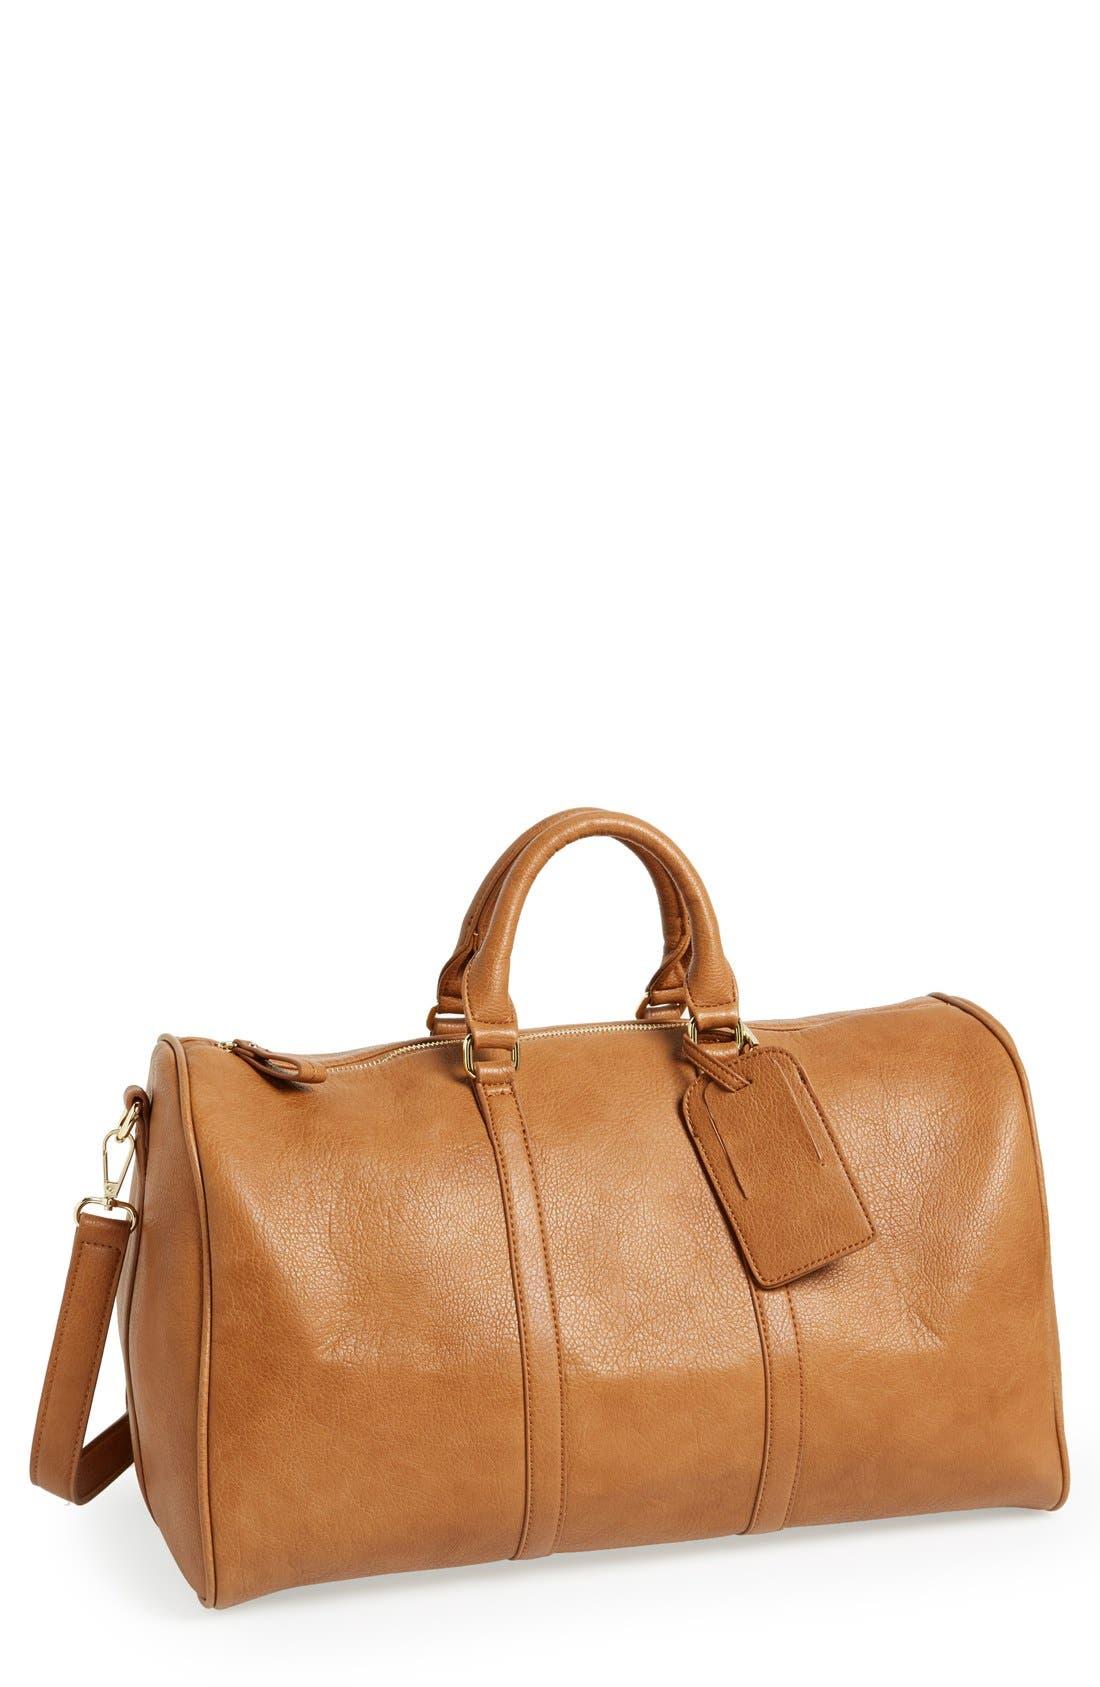 'Cassidy' Faux Leather Duffel Bag,                             Main thumbnail 1, color,                             COGNAC